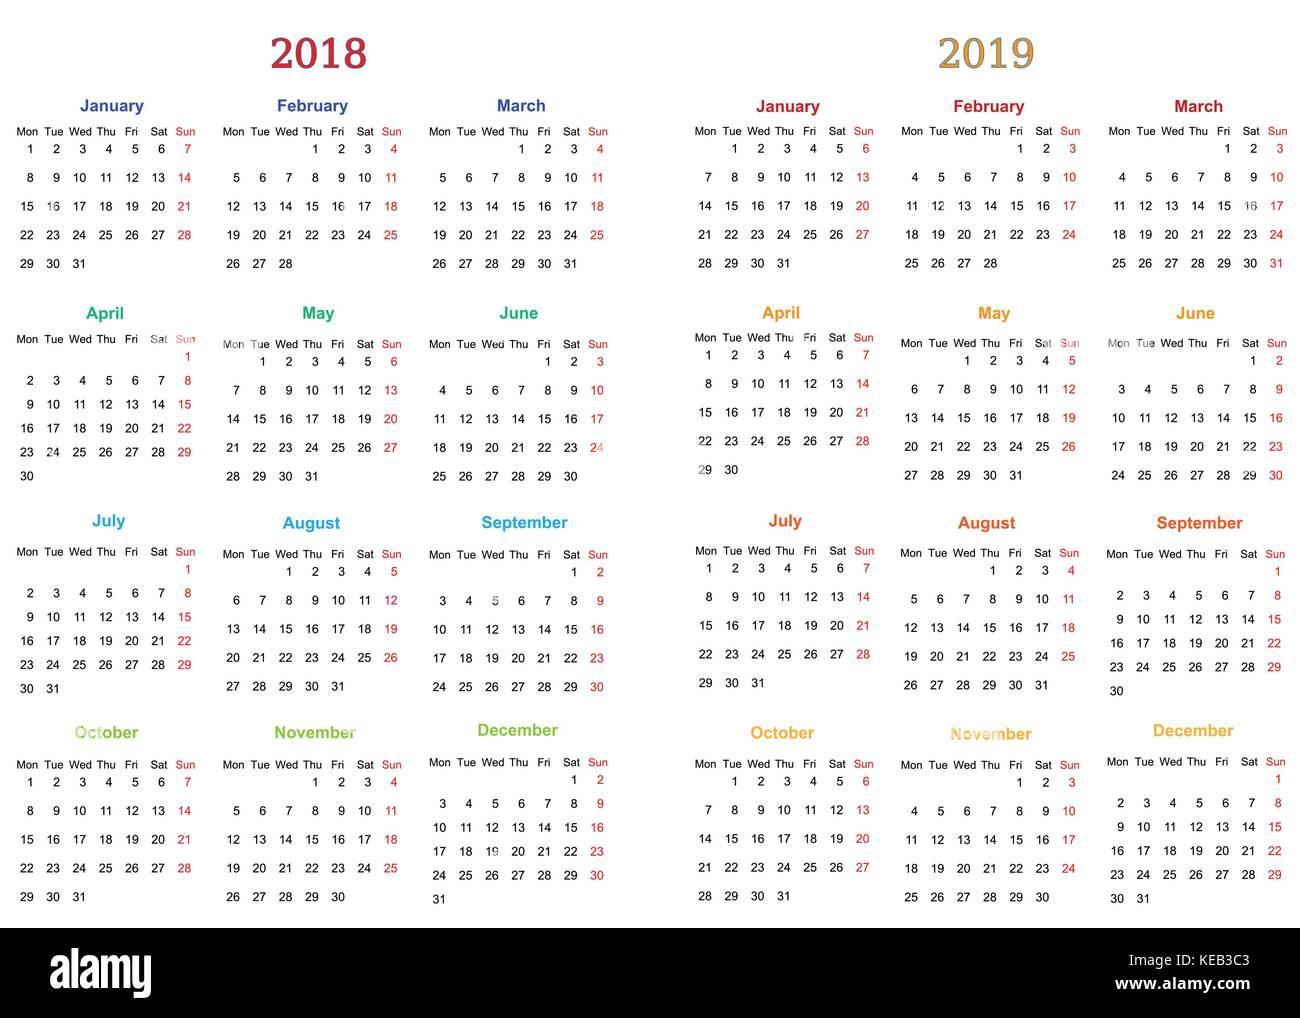 2018 calendar simple vector calendar stockfotos 2018 calendar simple vector calendar bilder. Black Bedroom Furniture Sets. Home Design Ideas